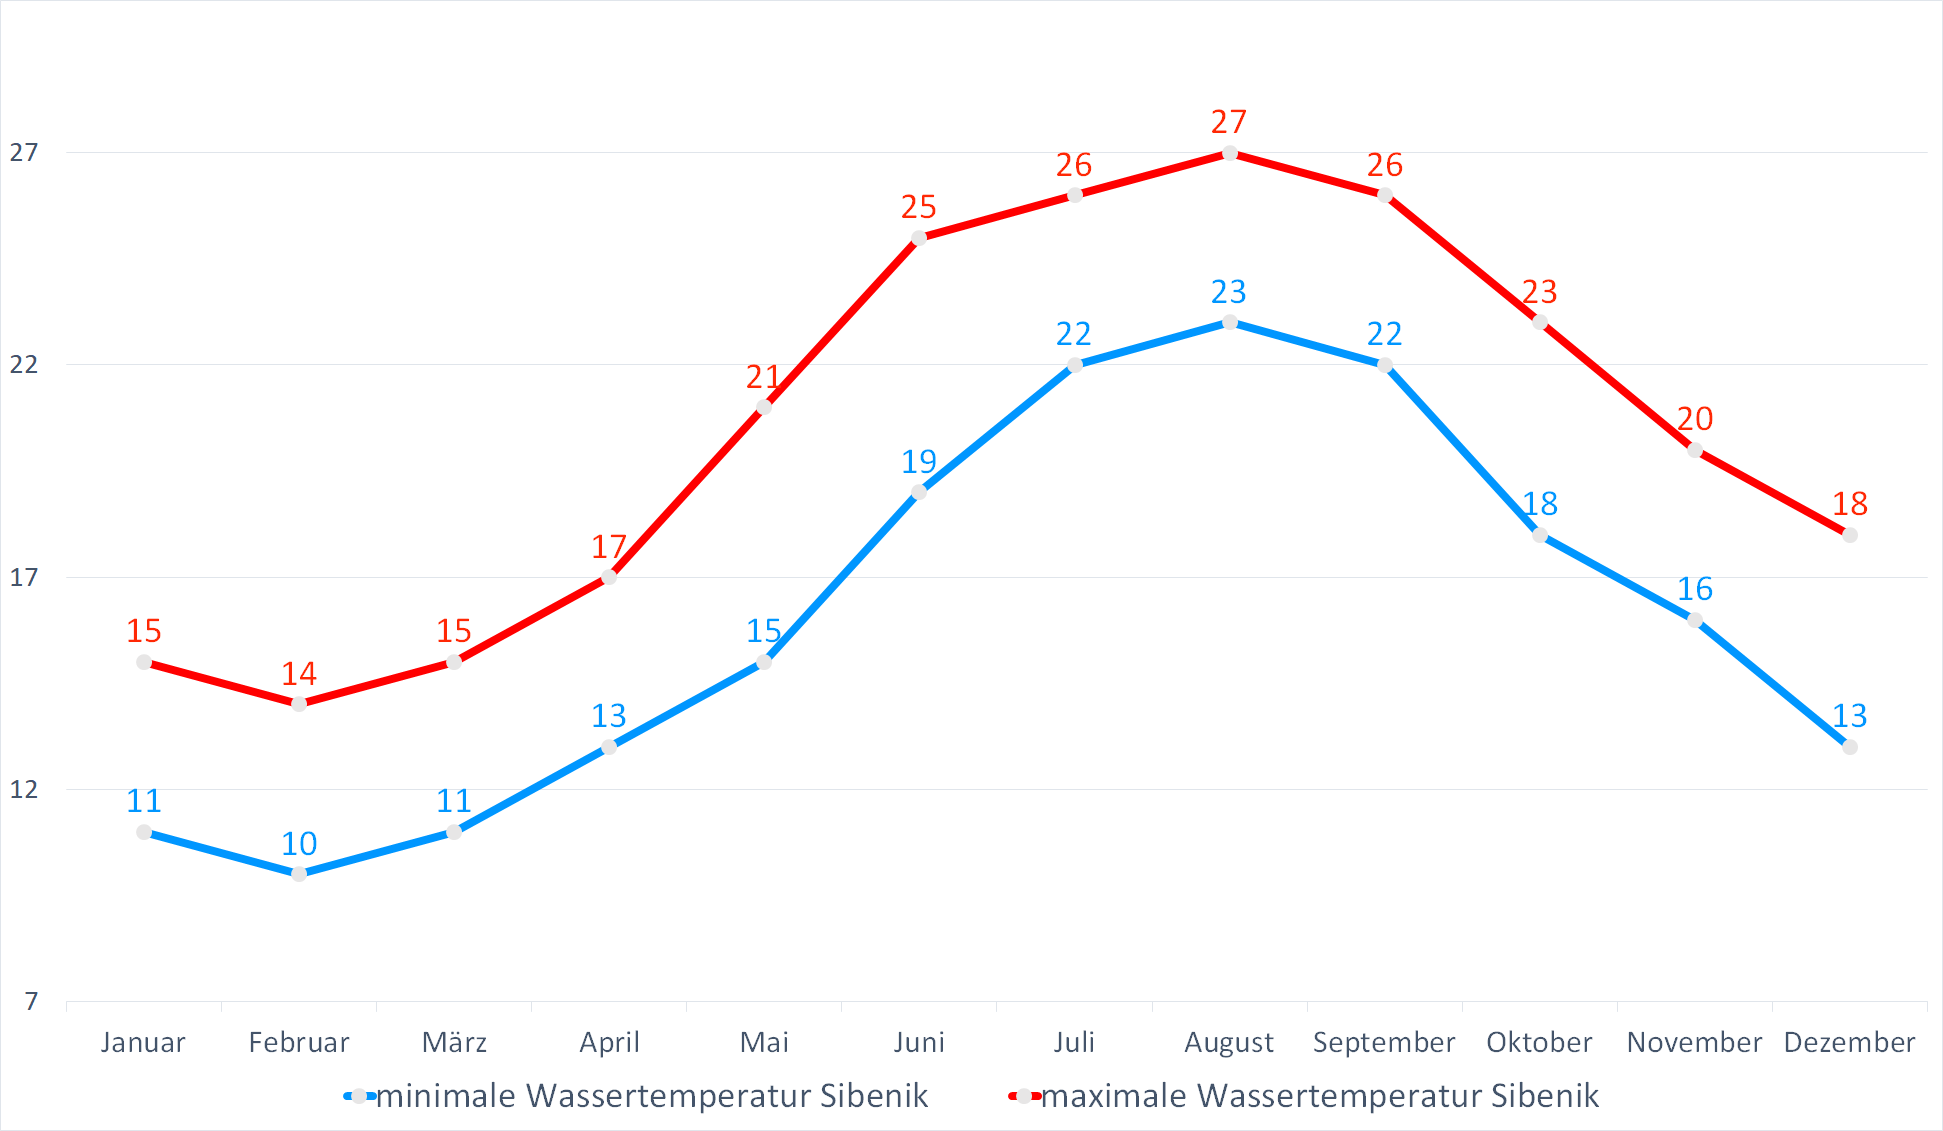 Minimale & Maximale Wassertemperaturen für Sibenik im Jahresverlauf